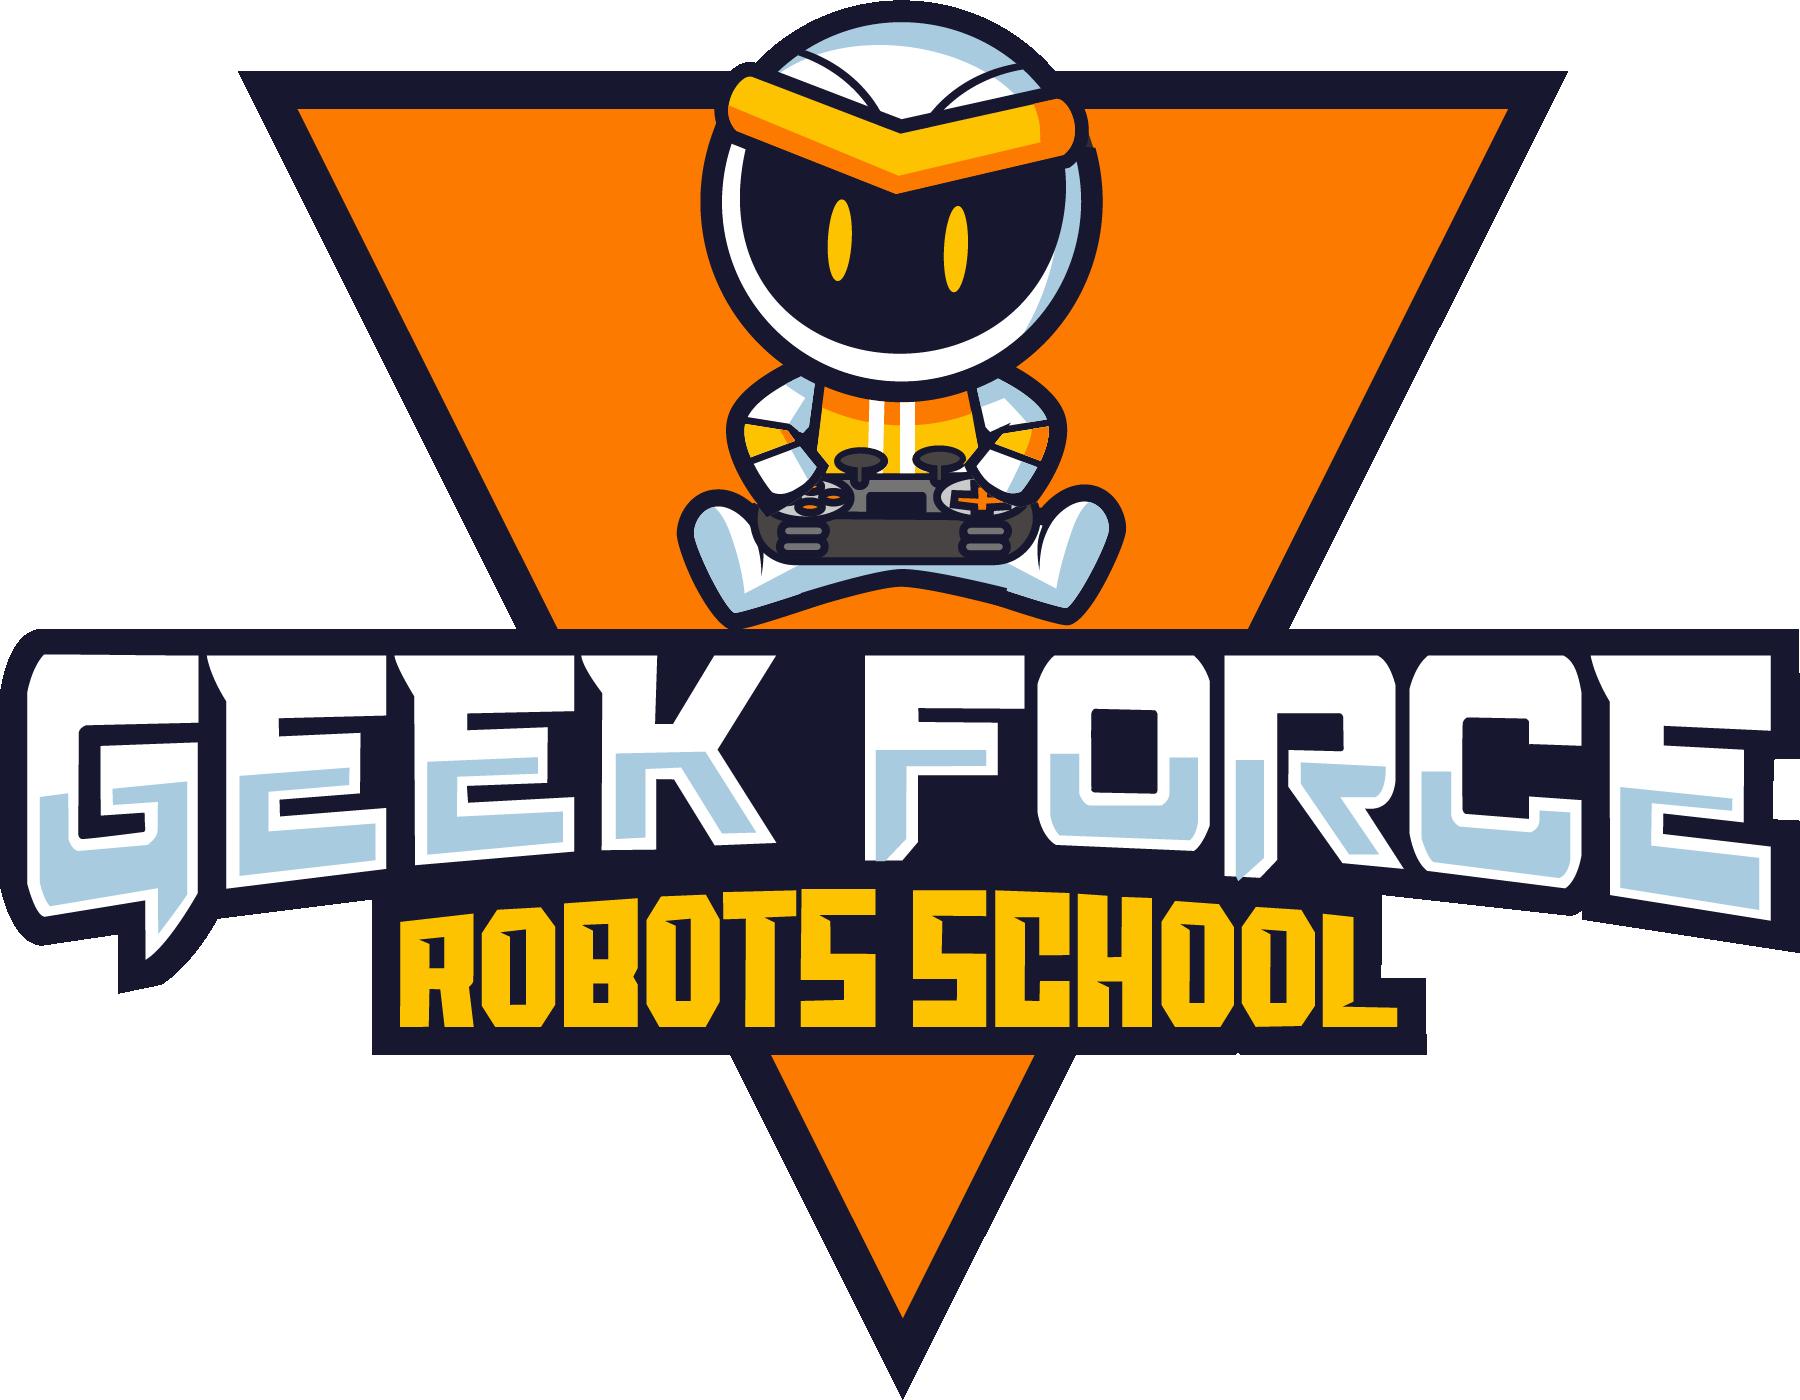 curso de robótica para crinças e adolescentes